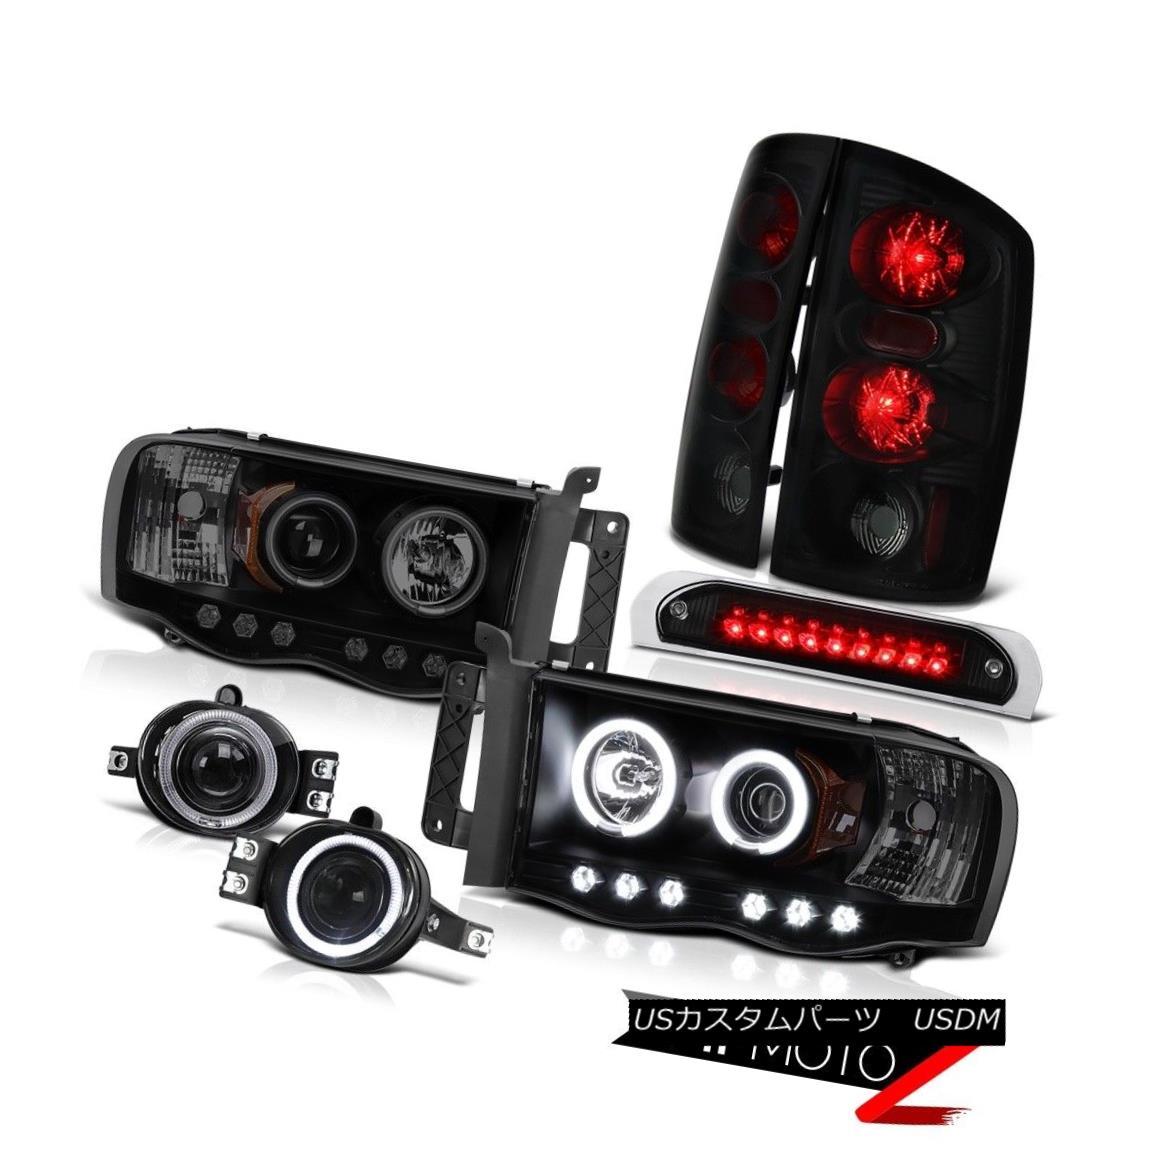 テールライト 2002-2005 Ram [BRIGHTEST] Rim Headlight Sinister Brake Lamp Halo Fog Third LED 2002-2005 Ram [BRIGHTEST]リム・ヘッドライトシスター・ブレーキ・ランプHalo Fog Third LED